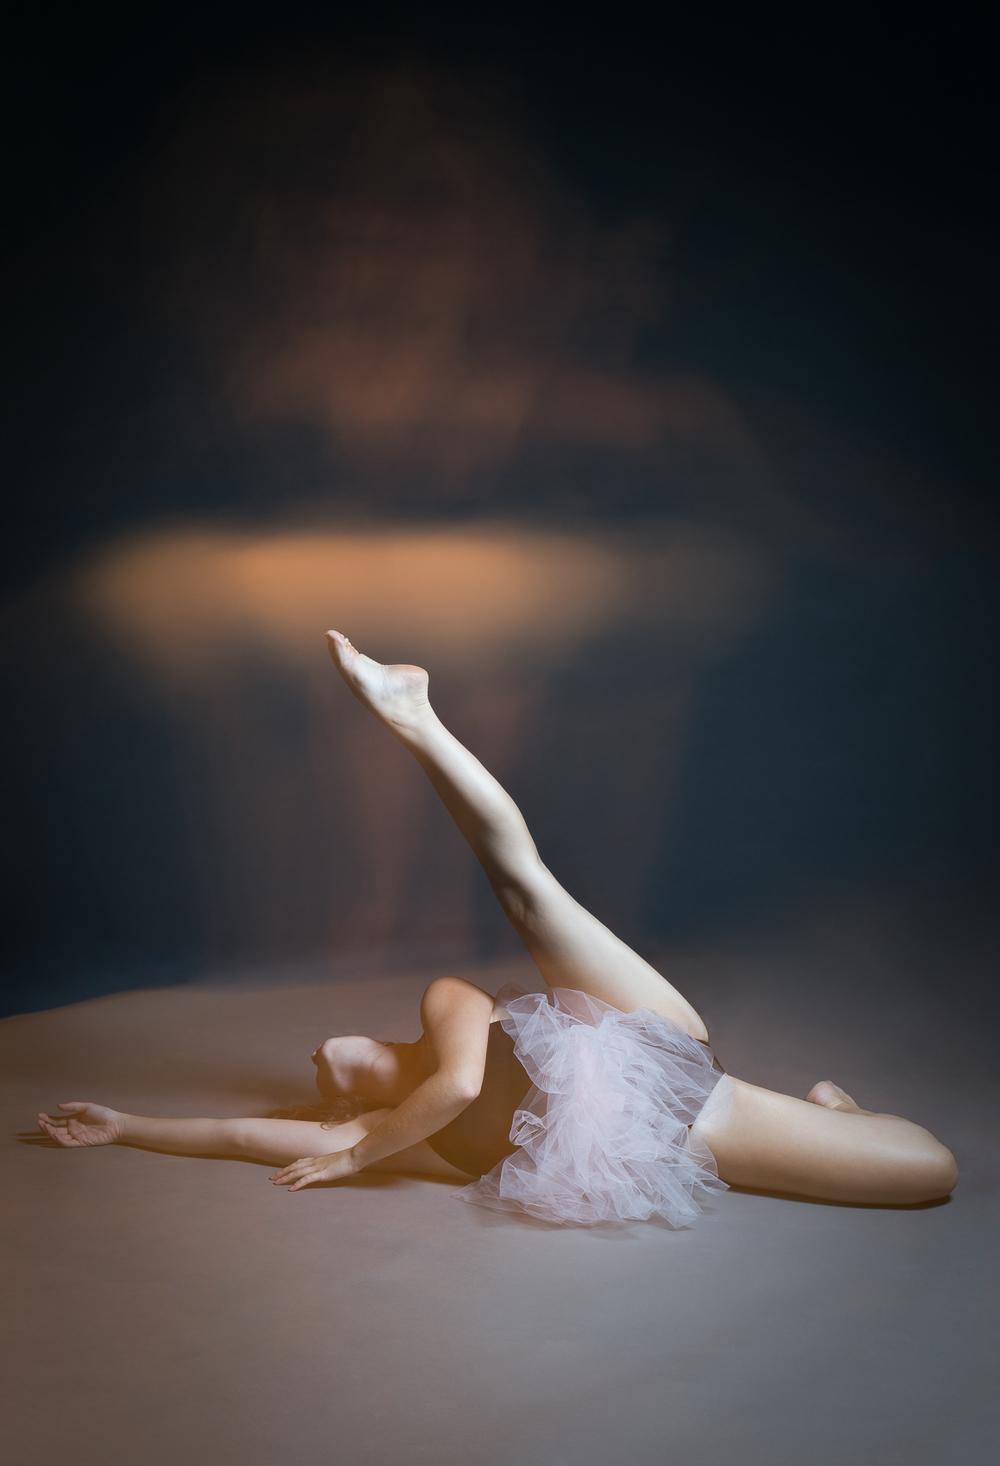 Jessica Hince-Brault